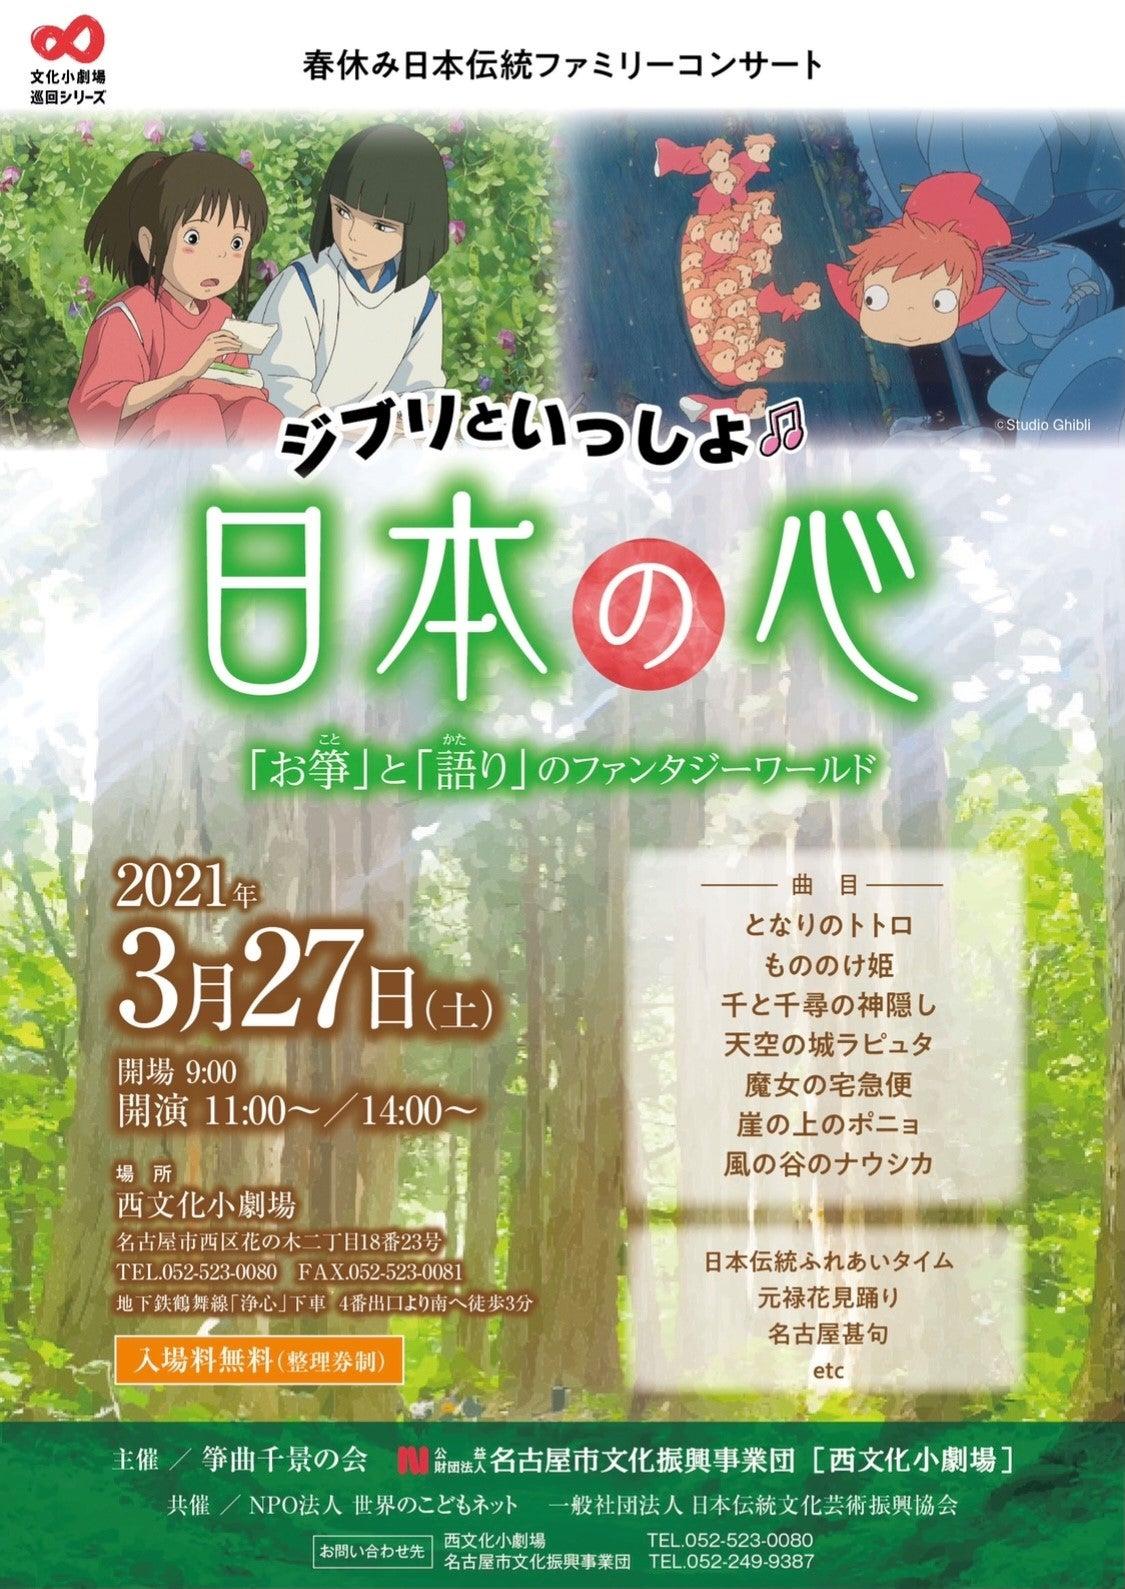 【ジブリといっしょ♫ 日本の心】春休み 日本伝統ファミリーコンサート